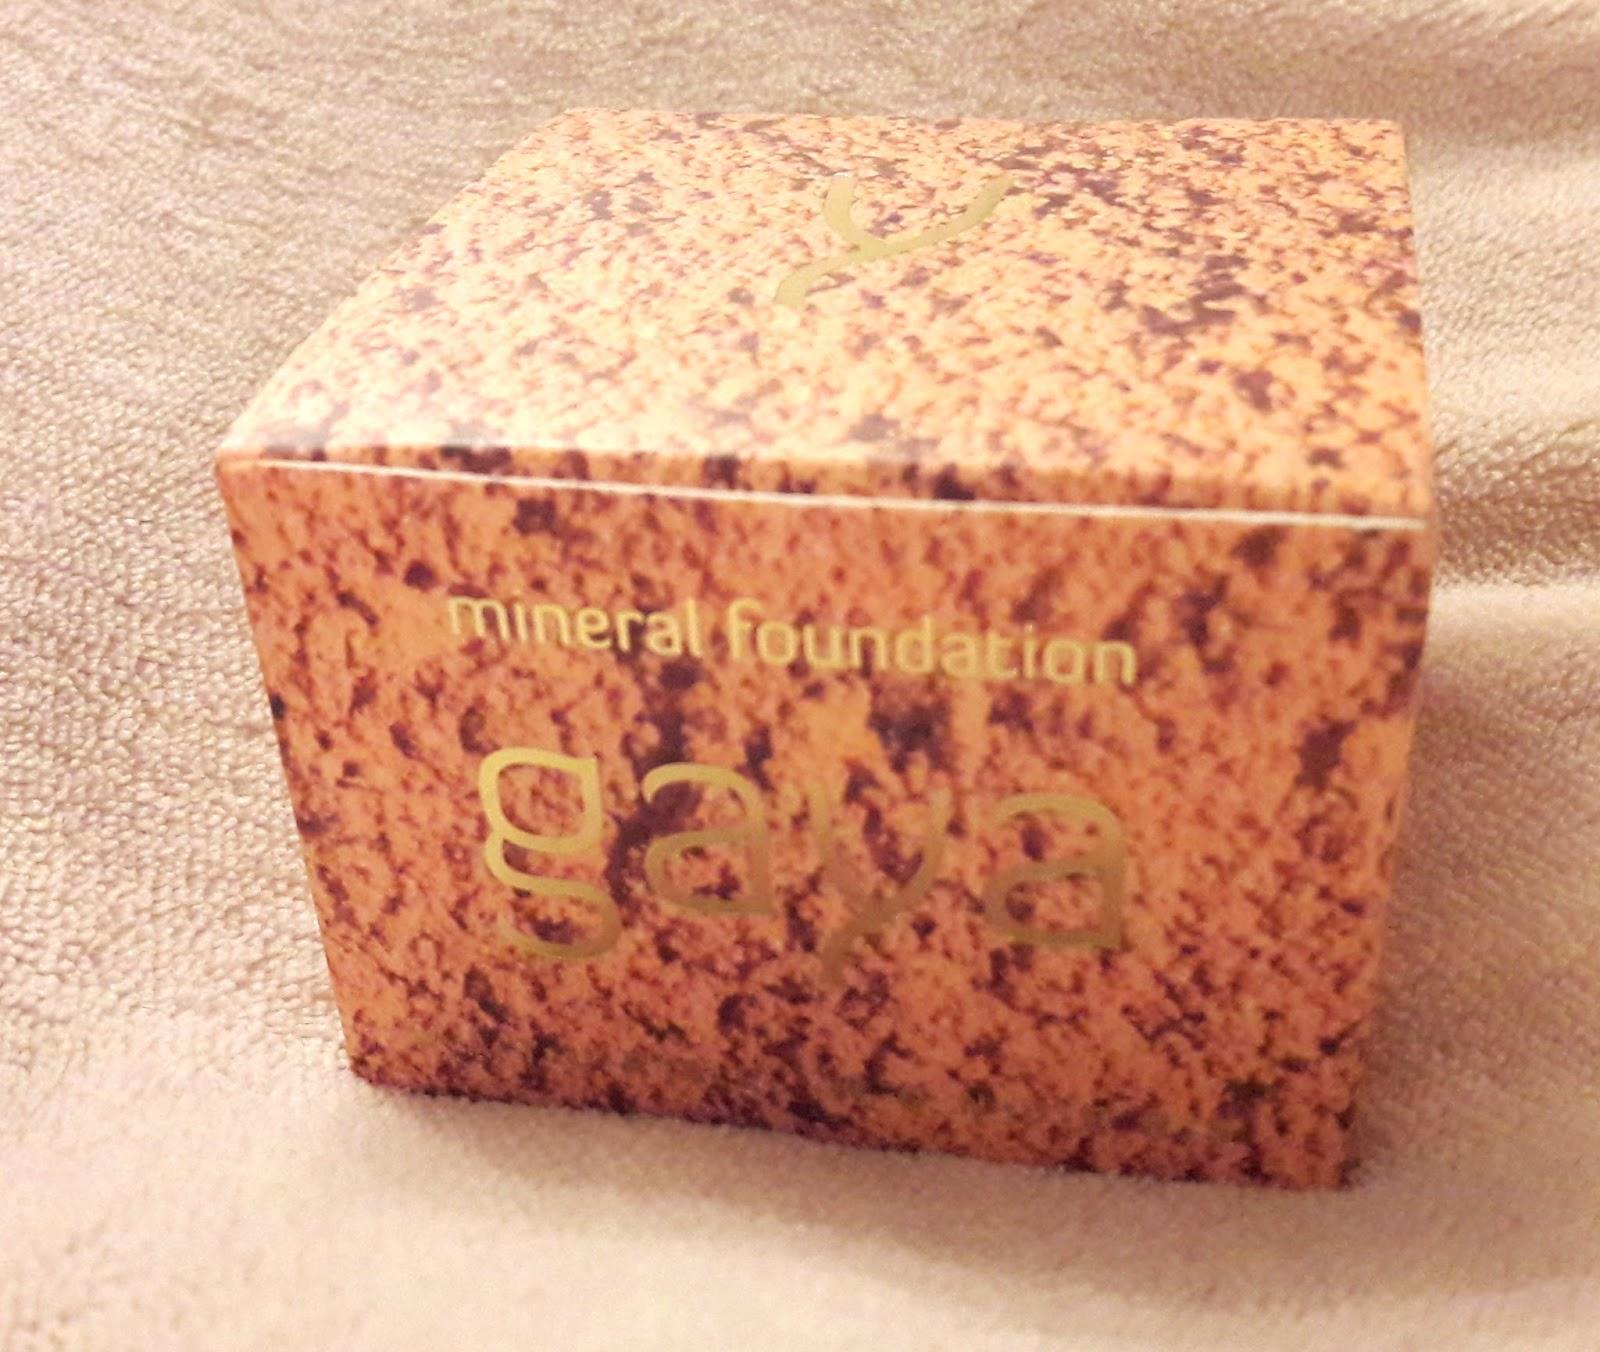 svea testet produkte gaya mineral foundation make up. Black Bedroom Furniture Sets. Home Design Ideas